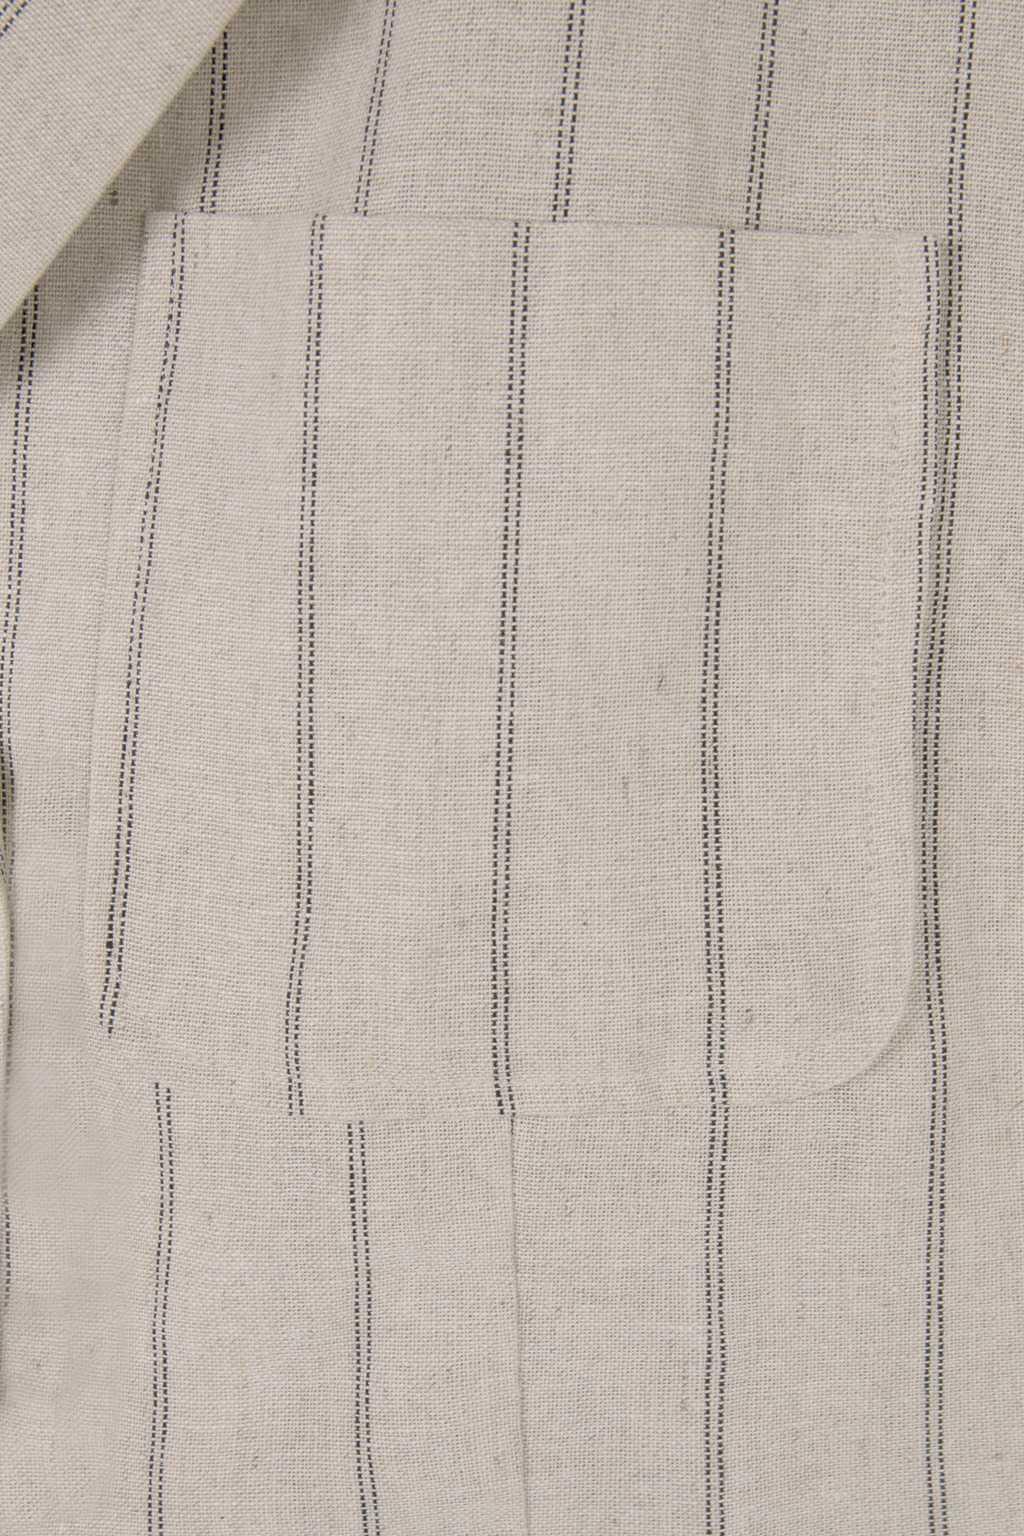 Jacket K006 Beige 6